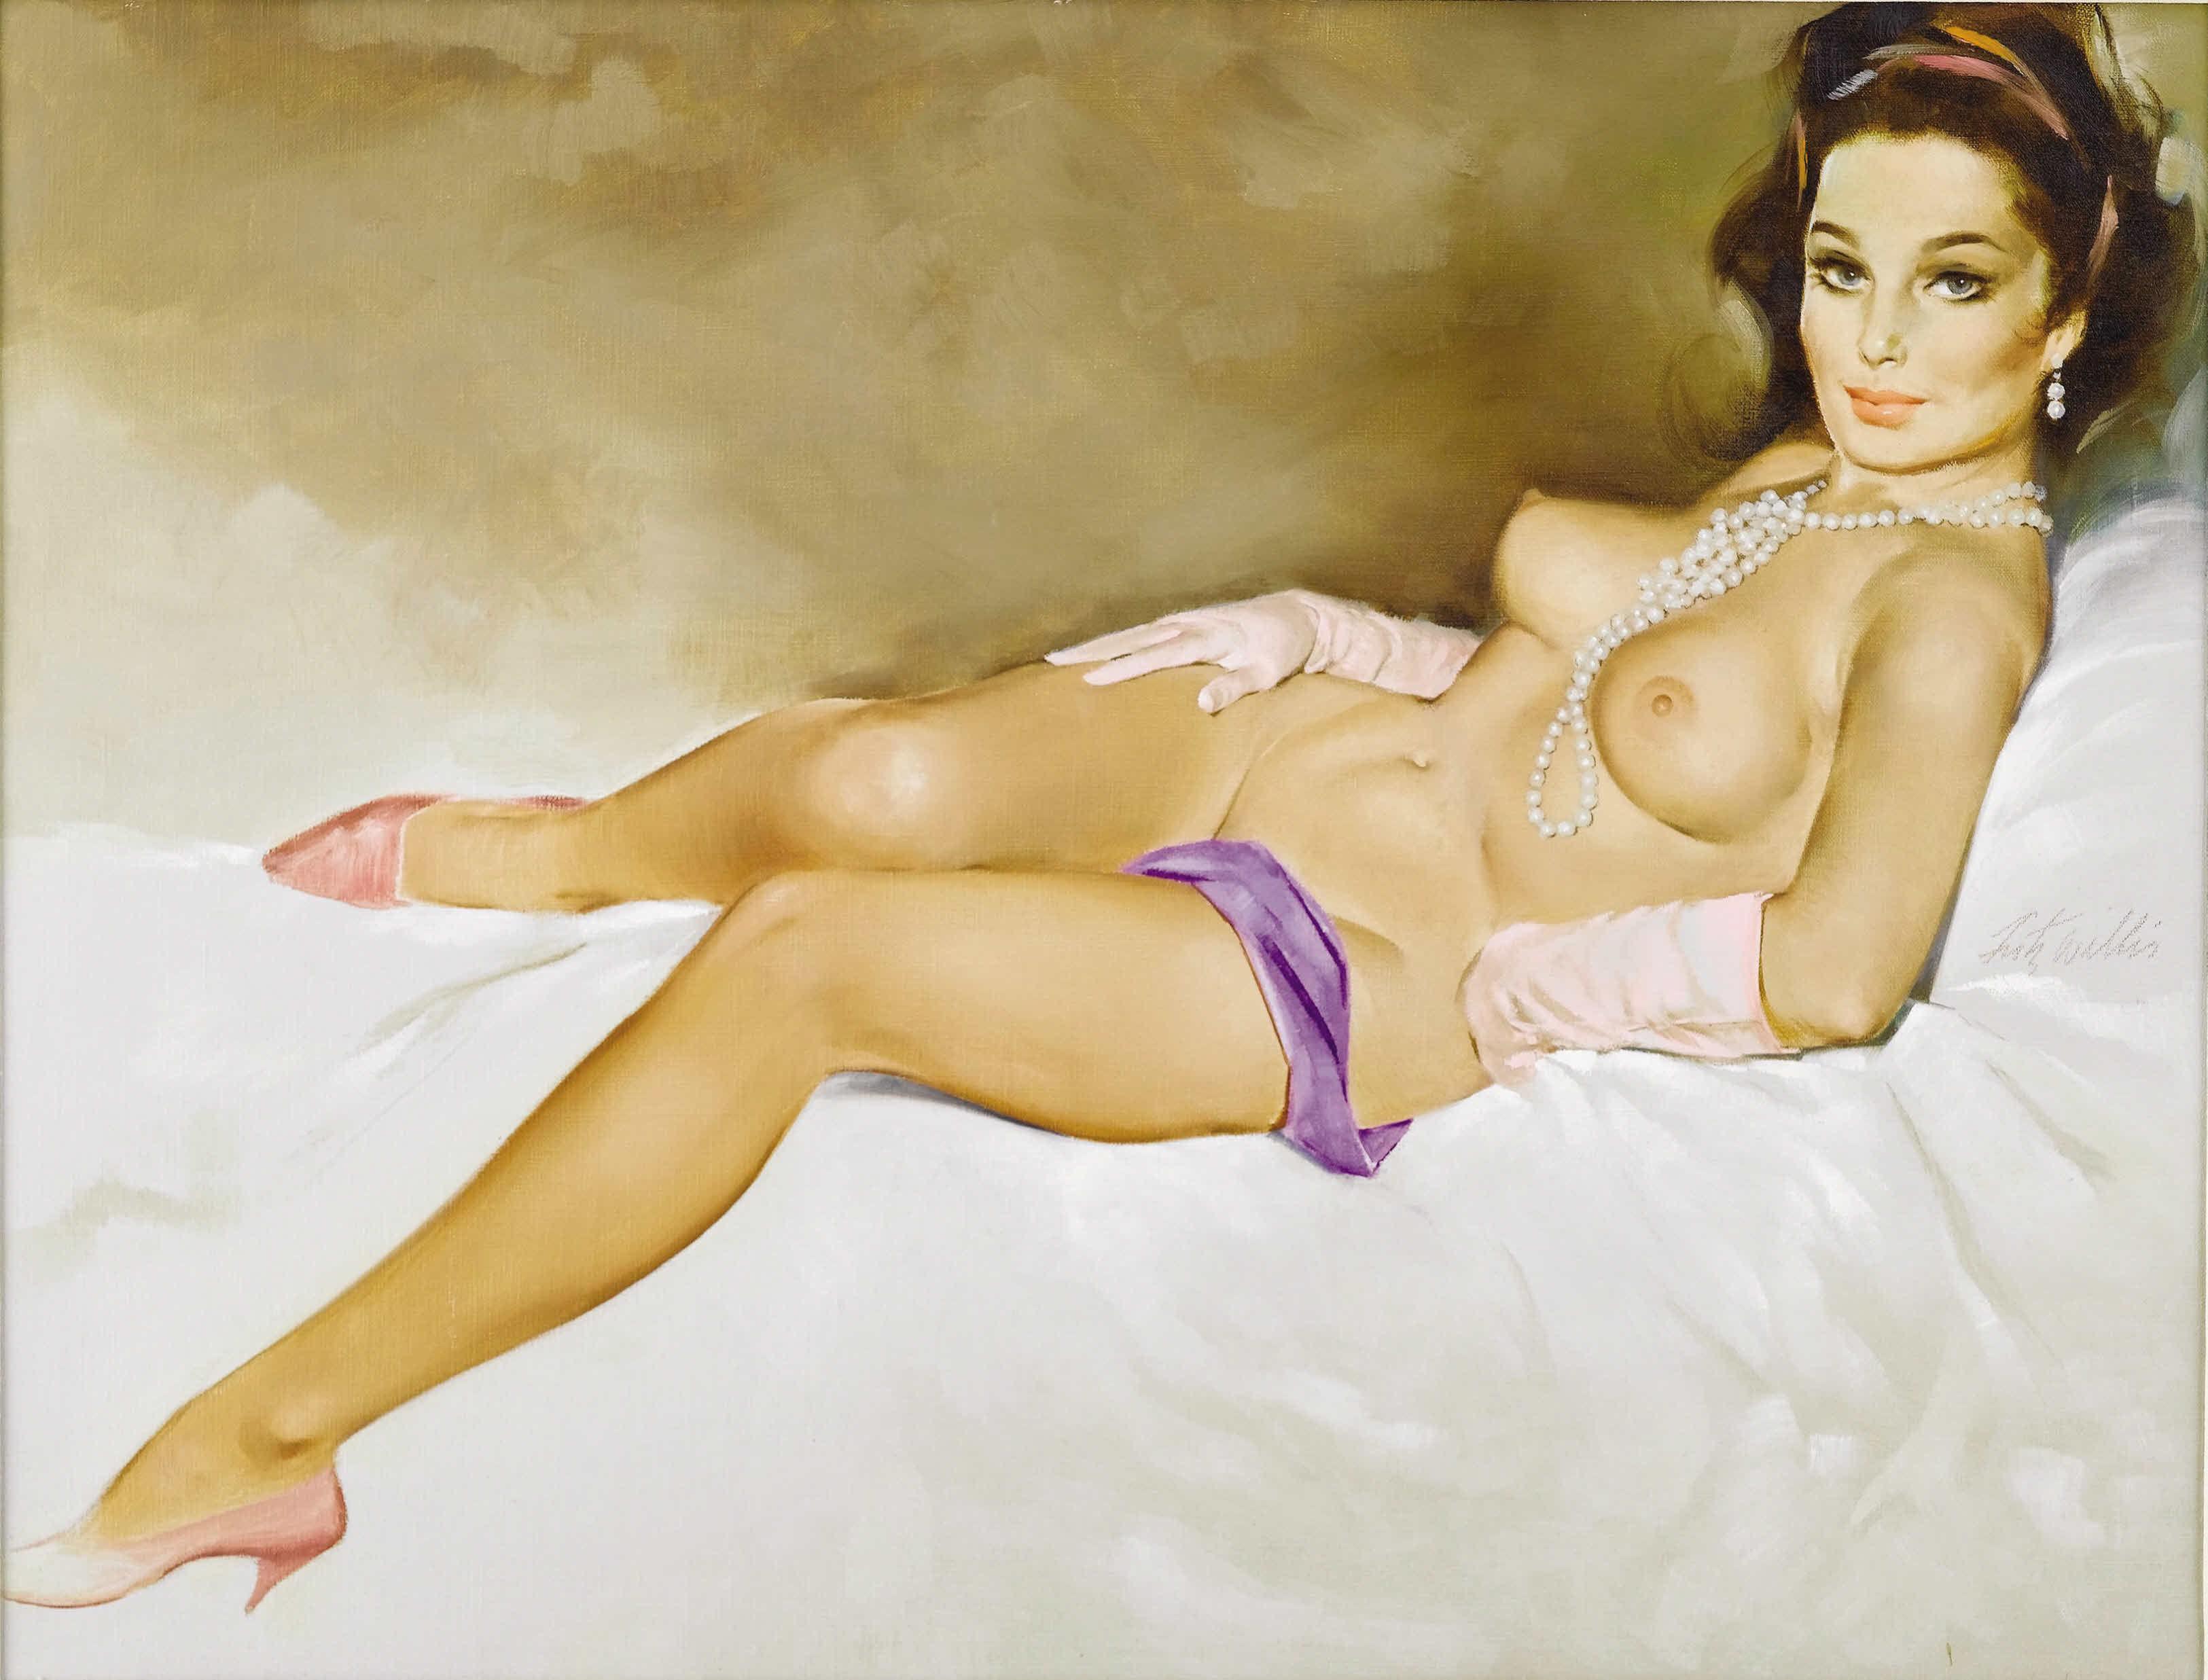 Рисованые голые женьщины 14 фотография